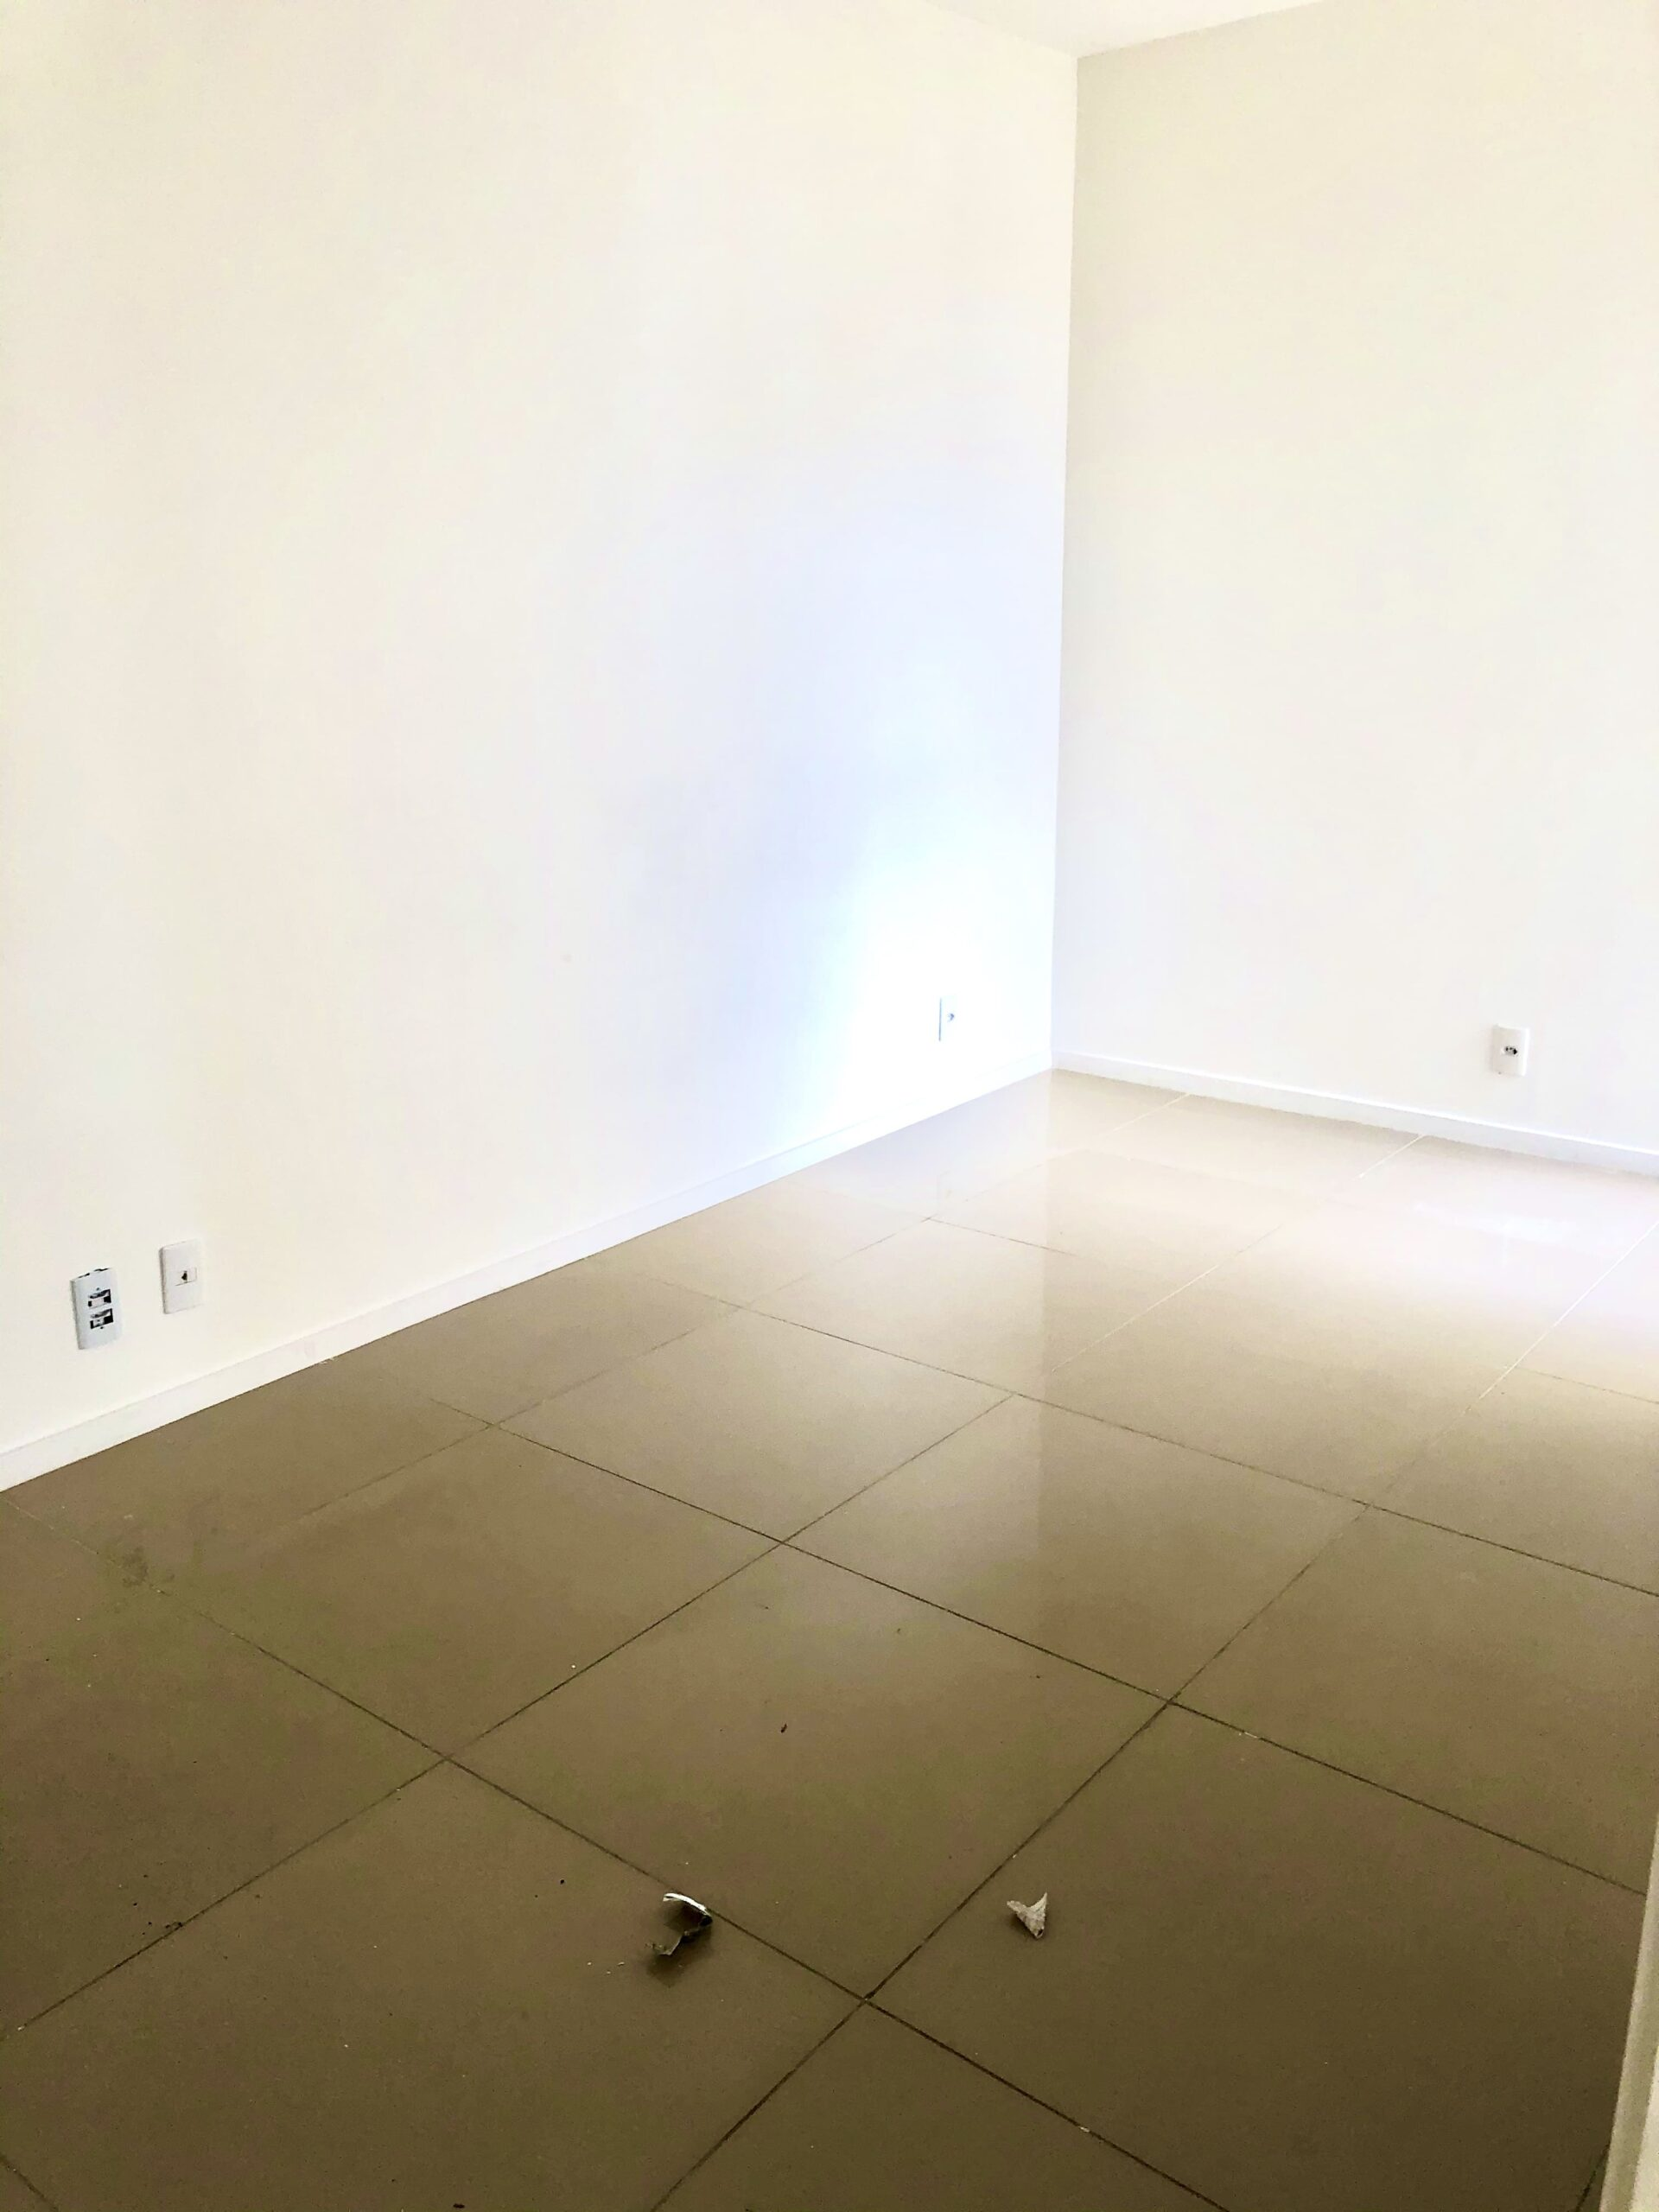 10 Apartamento para venda no Edifício Recanto das Palmeiras Teresina,3 Quartos, sendo 1 suíte, banheiro social, 1 vaga, piso em porcelanato